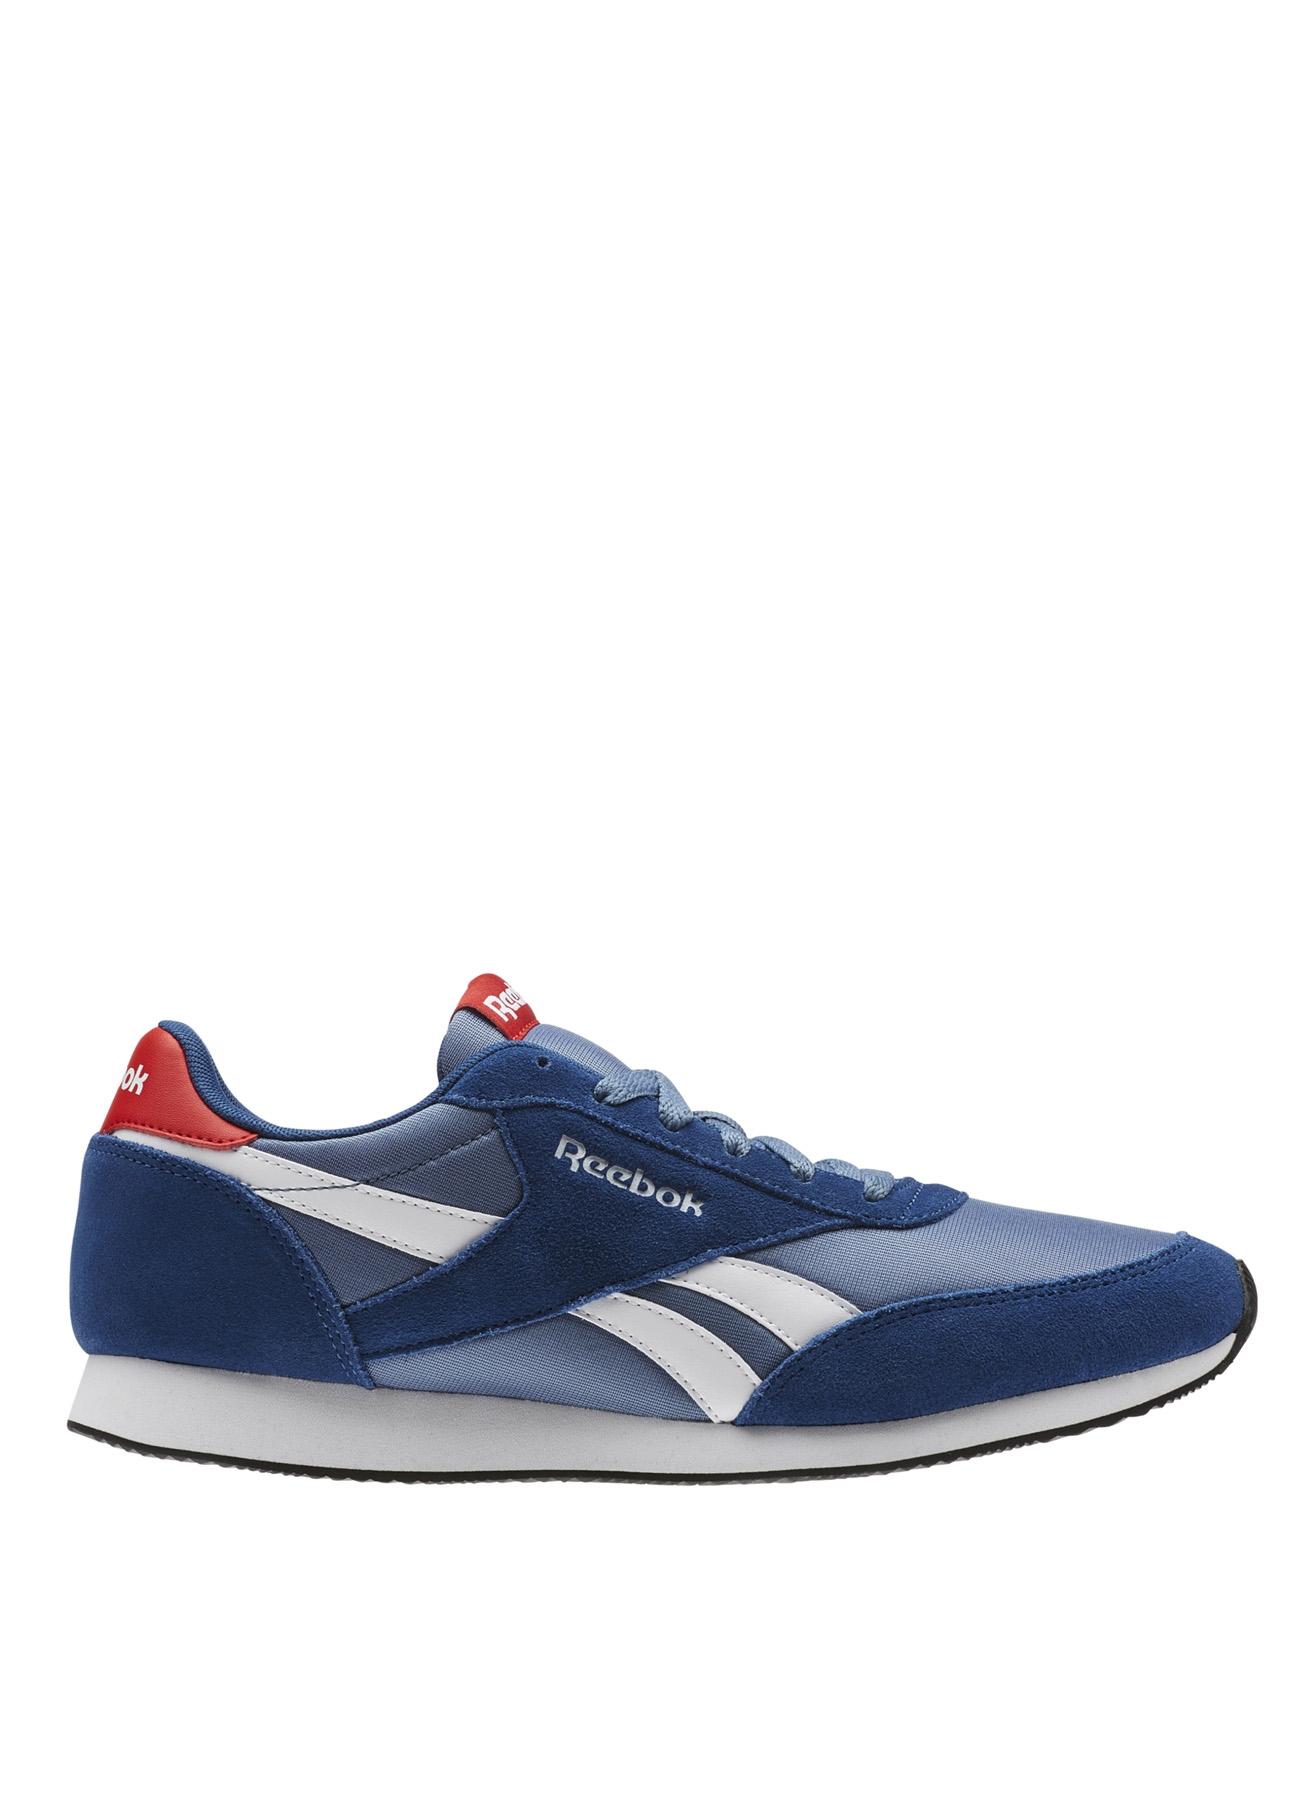 Reebok Royal CL Jogger 2 Lıfestyle Ayakkabı 41 5001633209003 Ürün Resmi